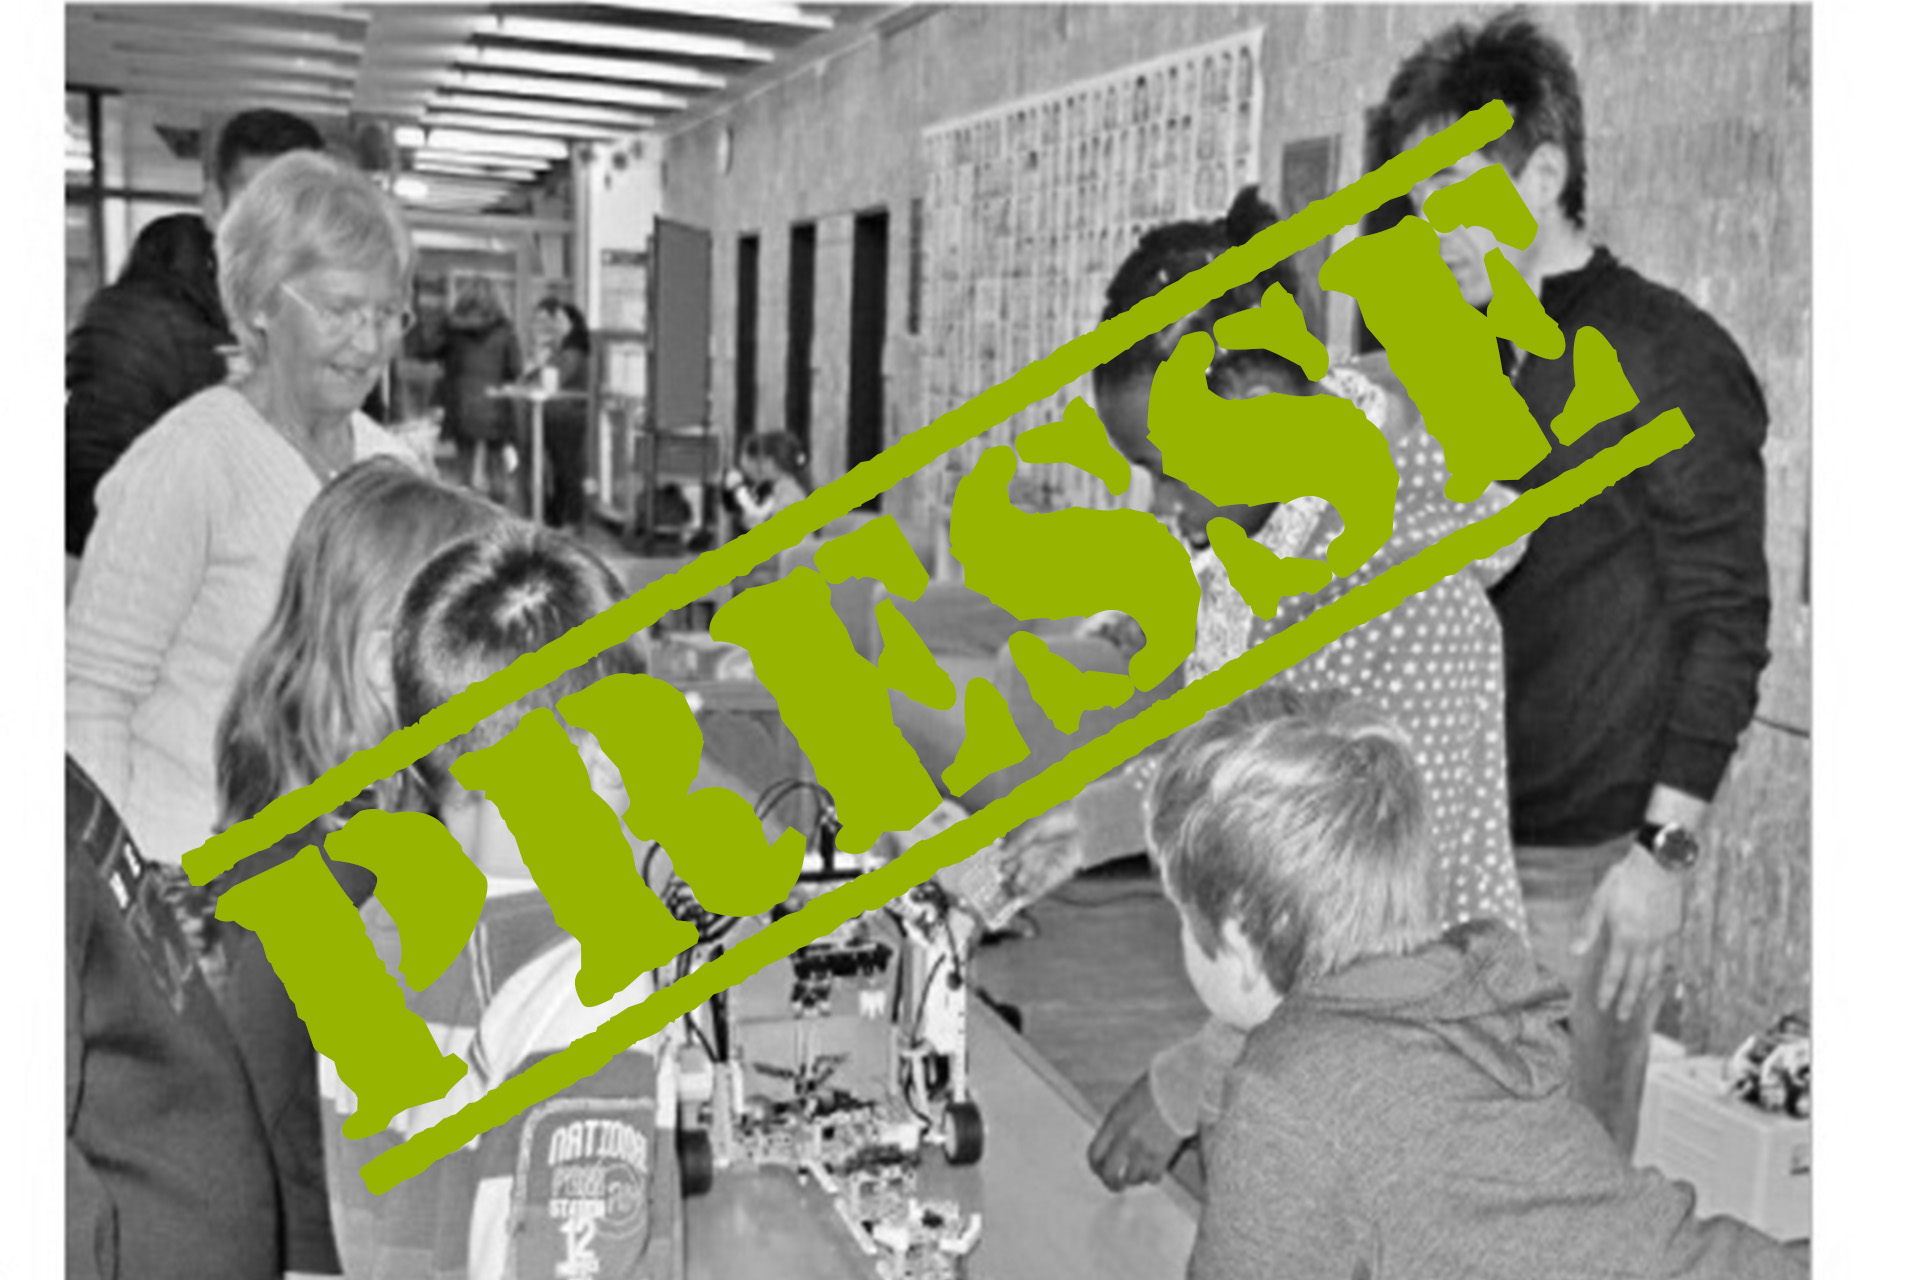 2017 12 17 Elternsprechtag Mit Robotik Presse Clip